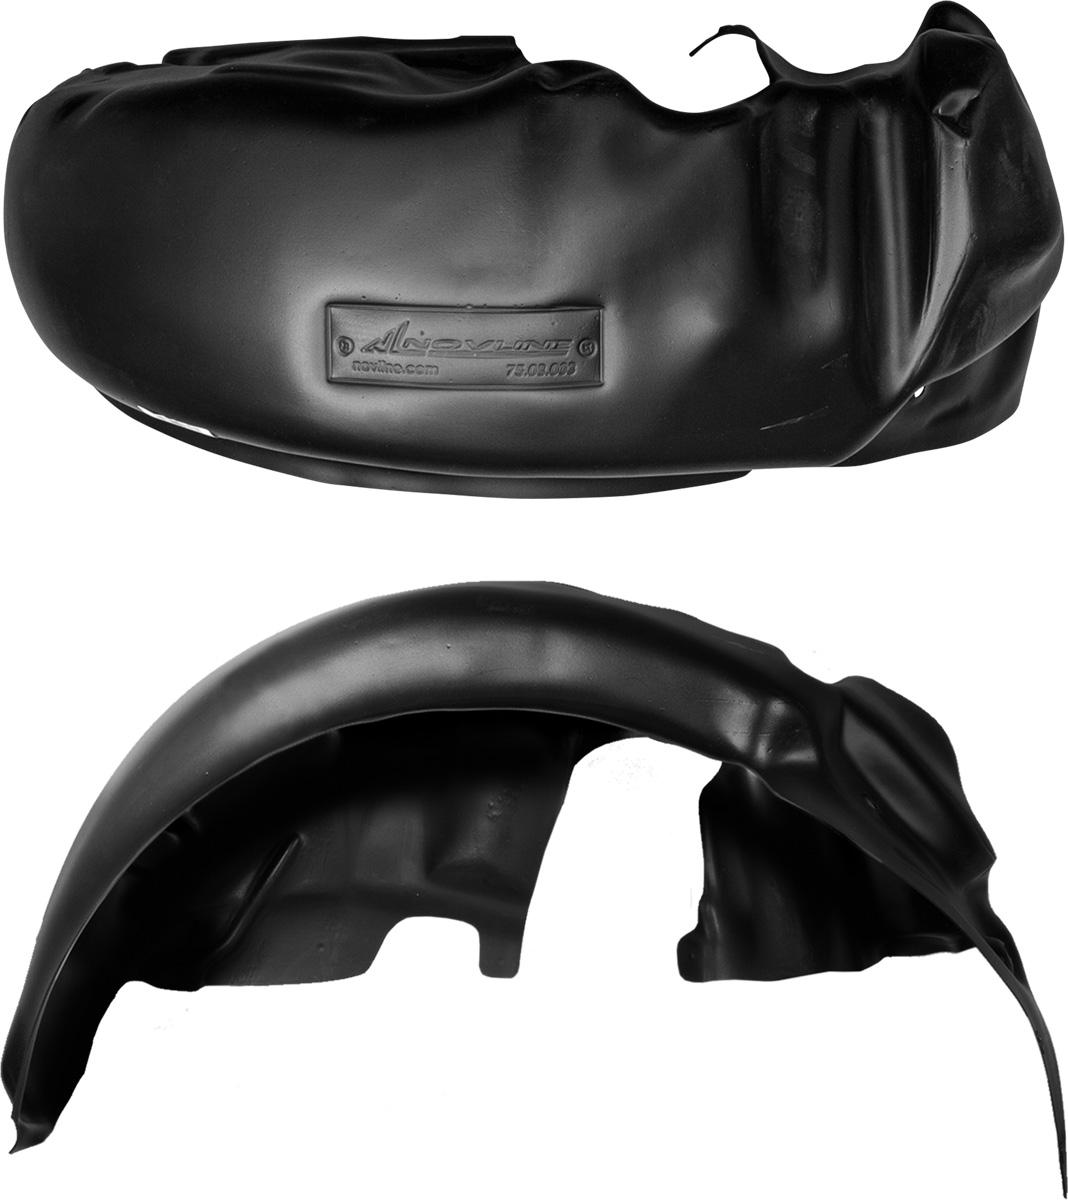 Подкрылок Novline-Autofamily, для Kia Rio, 04/2015->, седан, задний правыйNLL.25.42.004Колесные ниши – одни из самых уязвимых зон днища вашего автомобиля. Они постоянно подвергаются воздействию со стороны дороги. Лучшая, почти абсолютная защита для них - специально отформованные пластиковые кожухи, которые называются подкрылками, или локерами. Производятся они как для отечественных моделей автомобилей, так и для иномарок. Подкрылки выполнены из высококачественного, экологически чистого пластика. Обеспечивают надежную защиту кузова автомобиля от пескоструйного эффекта и негативного влияния, агрессивных антигололедных реагентов. Пластик обладает более низкой теплопроводностью, чем металл, поэтому в зимний период эксплуатации использование пластиковых подкрылков позволяет лучше защитить колесные ниши от налипания снега и образования наледи. Оригинальность конструкции подчеркивает элегантность автомобиля, бережно защищает нанесенное на днище кузова антикоррозийное покрытие и позволяет осуществить крепление подкрылков внутри колесной арки практически без дополнительного крепежа и сверления, не нарушая при этом лакокрасочного покрытия, что предотвращает возникновение новых очагов коррозии. Технология крепления подкрылков на иномарки принципиально отличается от крепления на российские автомобили и разрабатывается индивидуально для каждой модели автомобиля. Подкрылки долговечны, обладают высокой прочностью и сохраняют заданную форму, а также все свои физико-механические характеристики в самых тяжелых климатических условиях ( от -50° С до + 50° С).